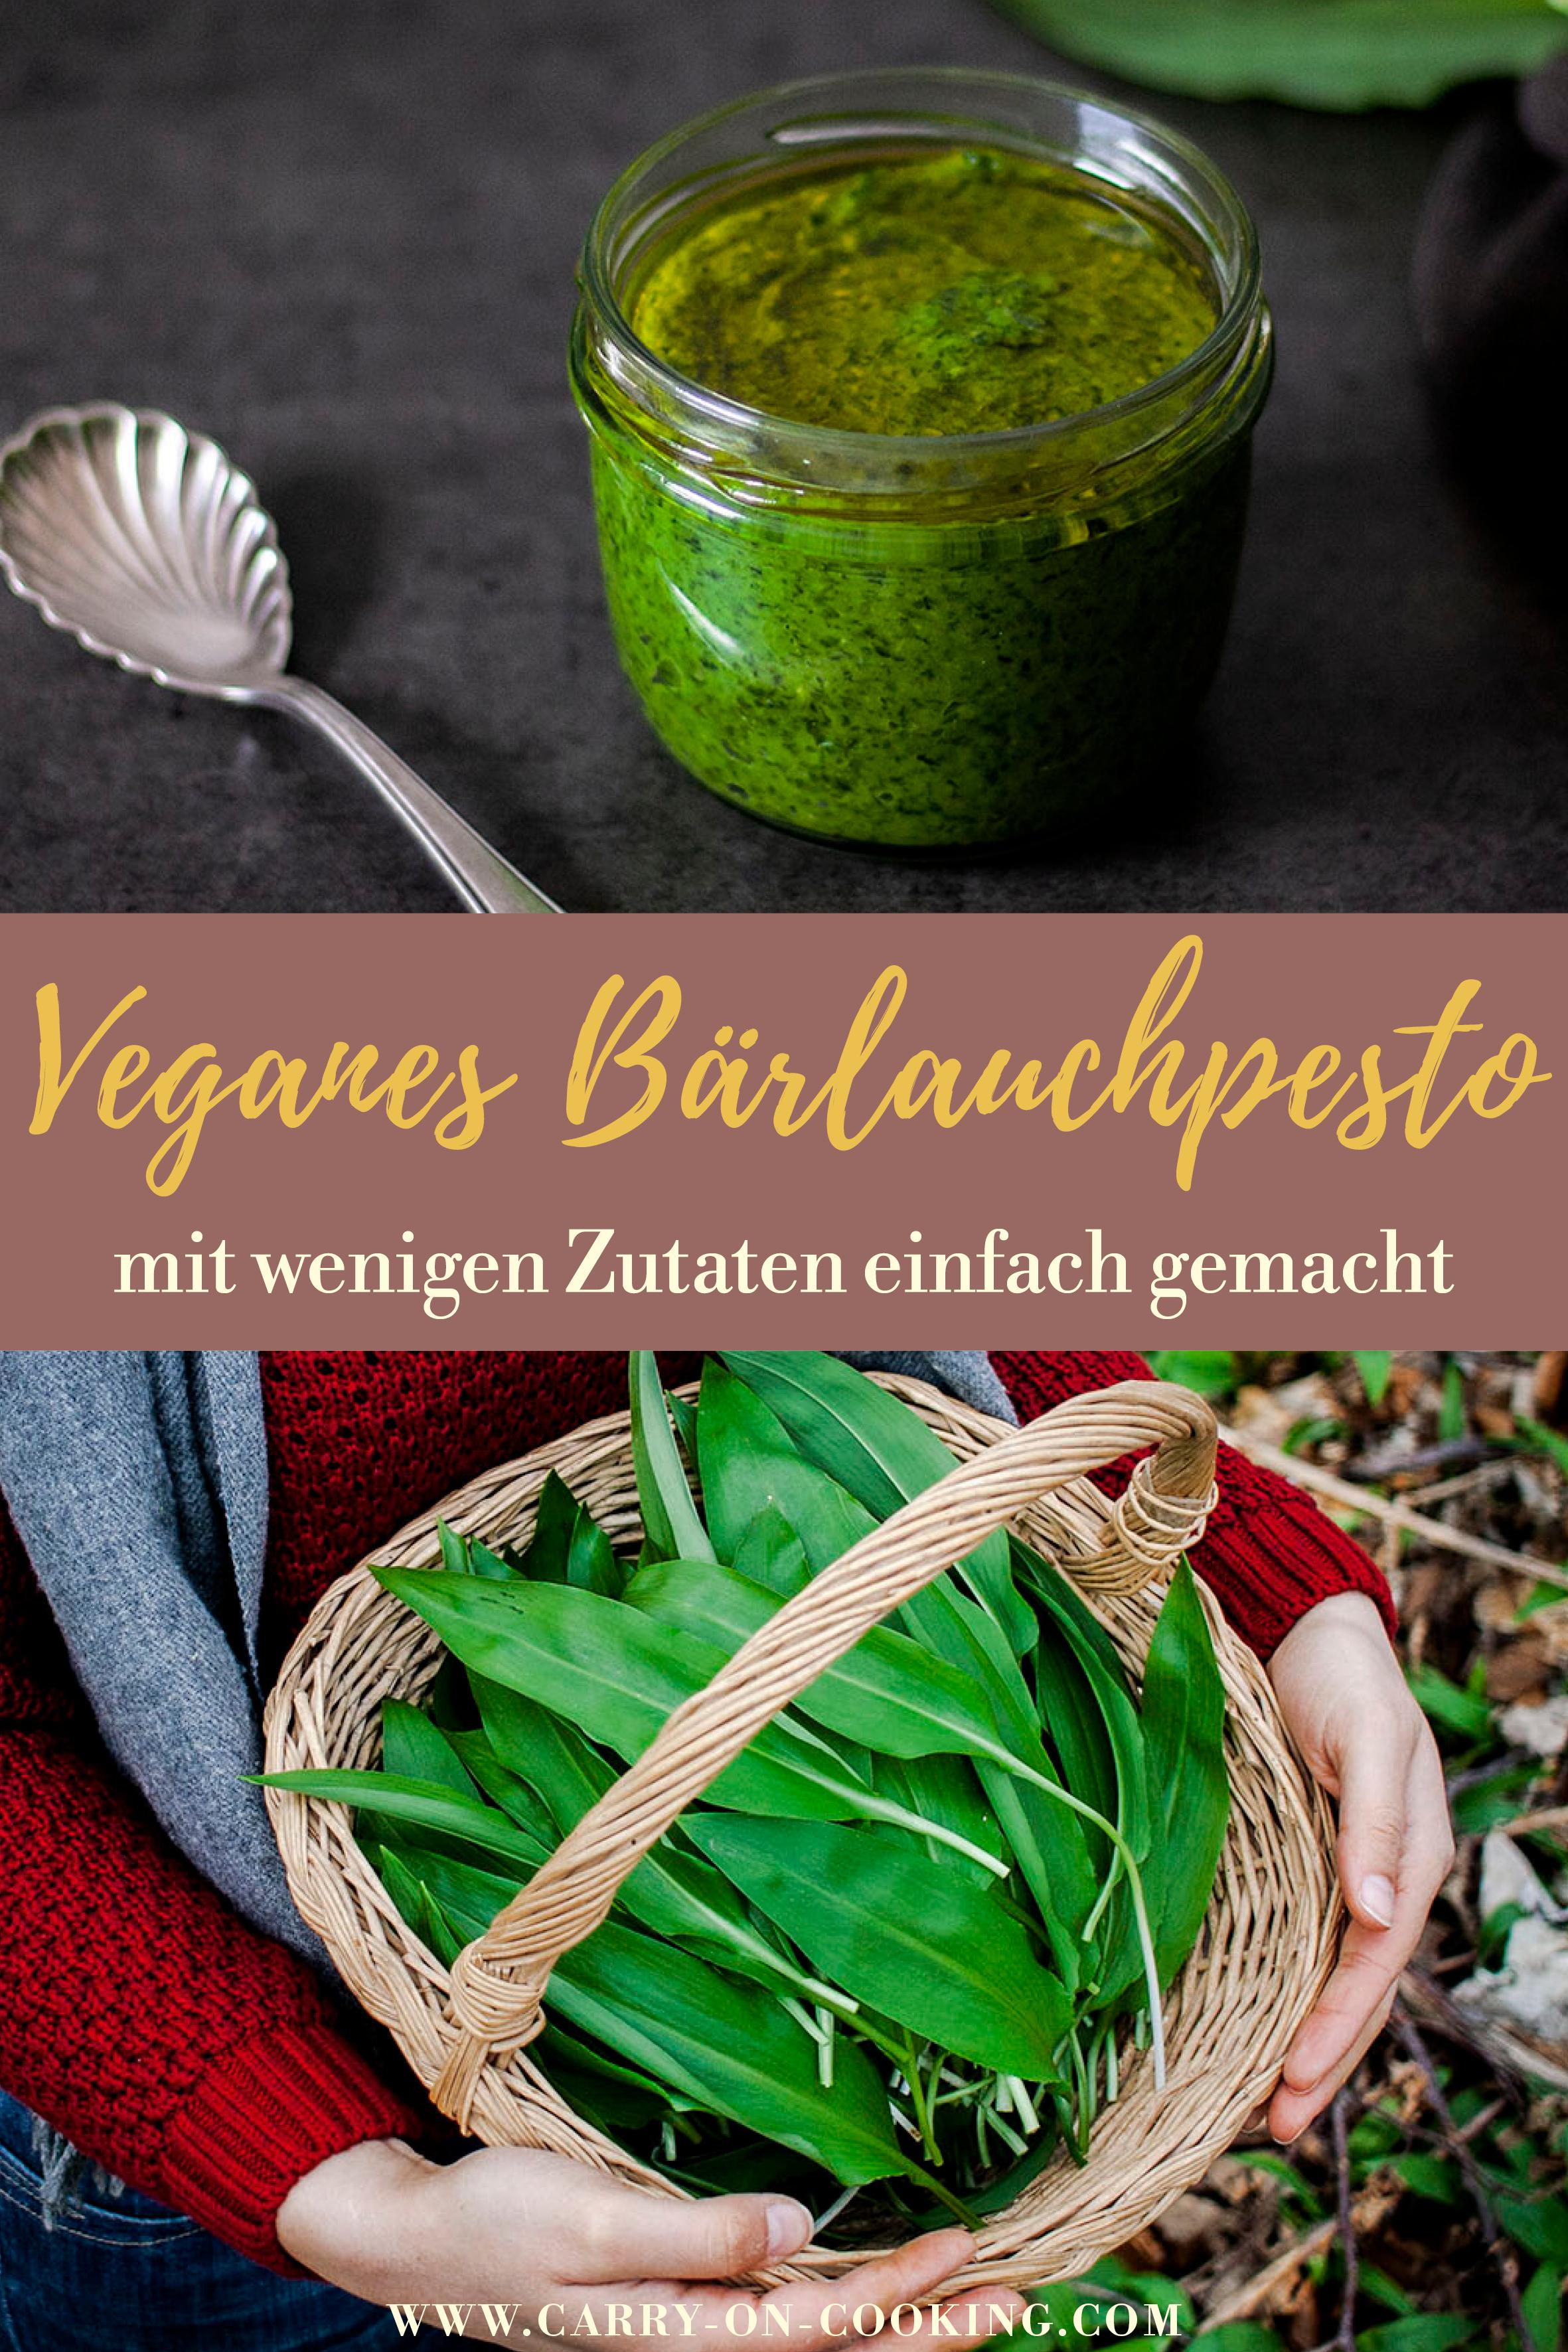 Gleich auf deine Pinterest-Pinwand pinnen: Veganes Bärlauchpesto